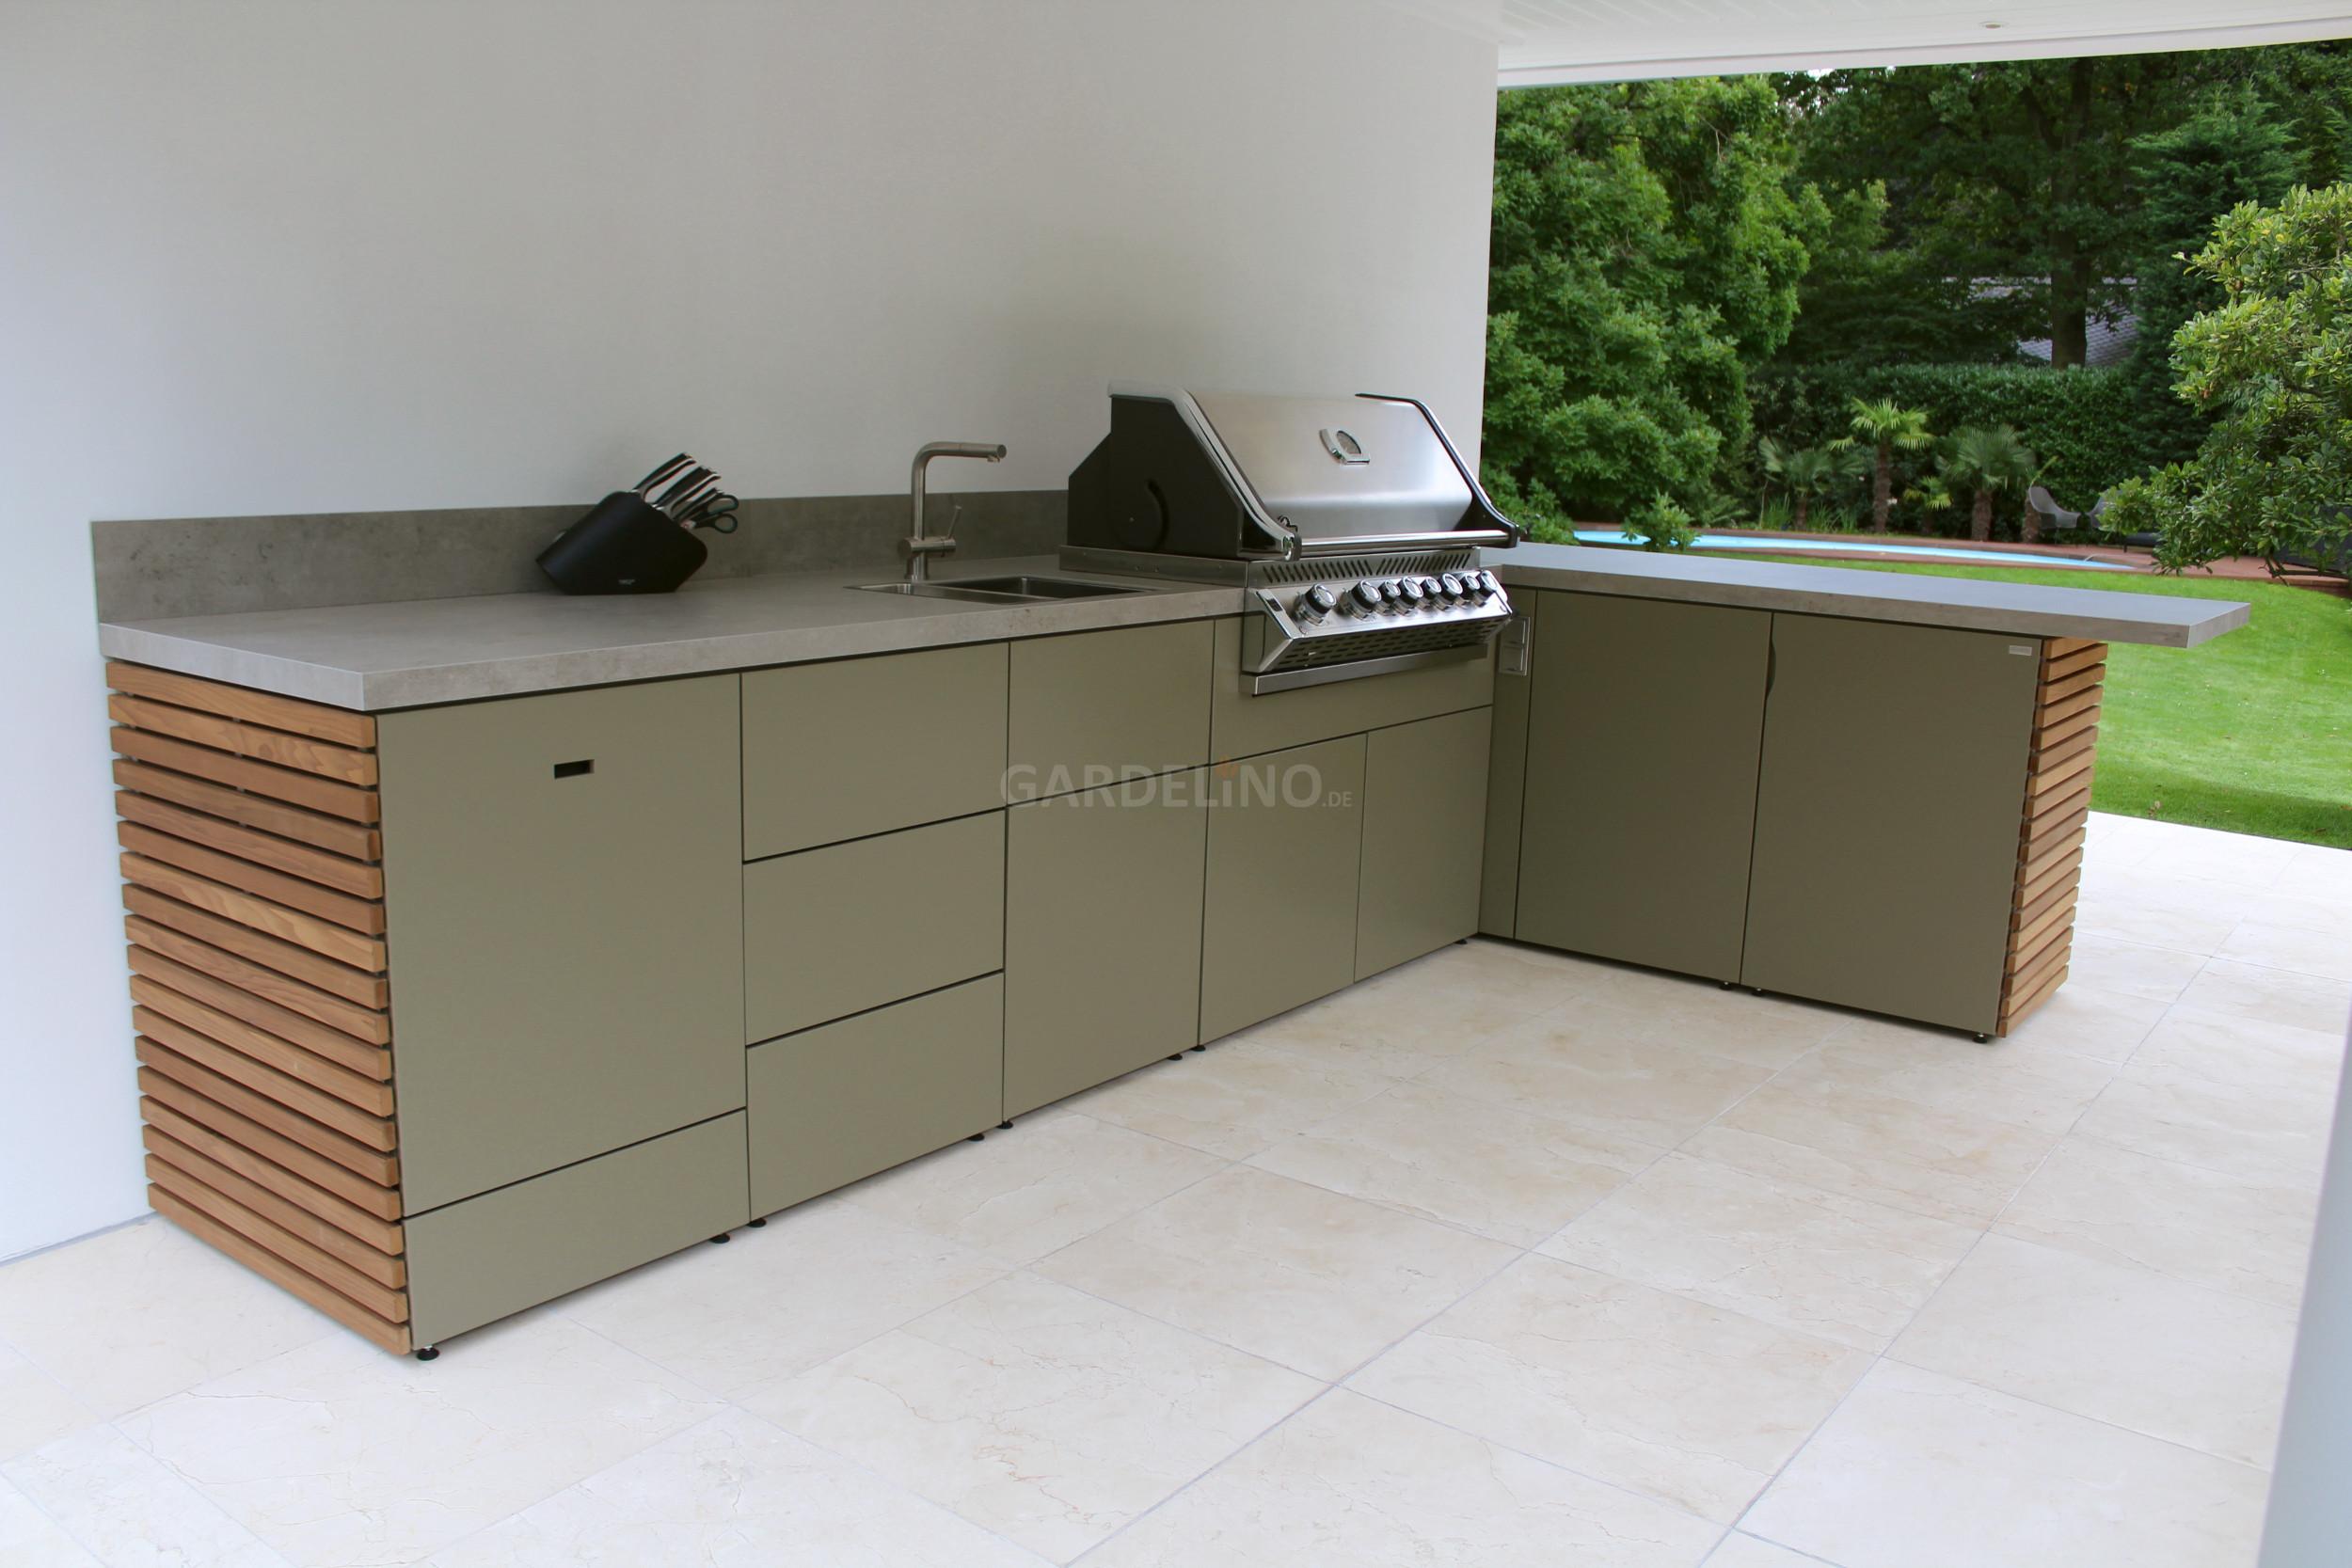 Outdoorküche Zubehör Test : Herrenhaus cubic outdoor kitchen fachhandel